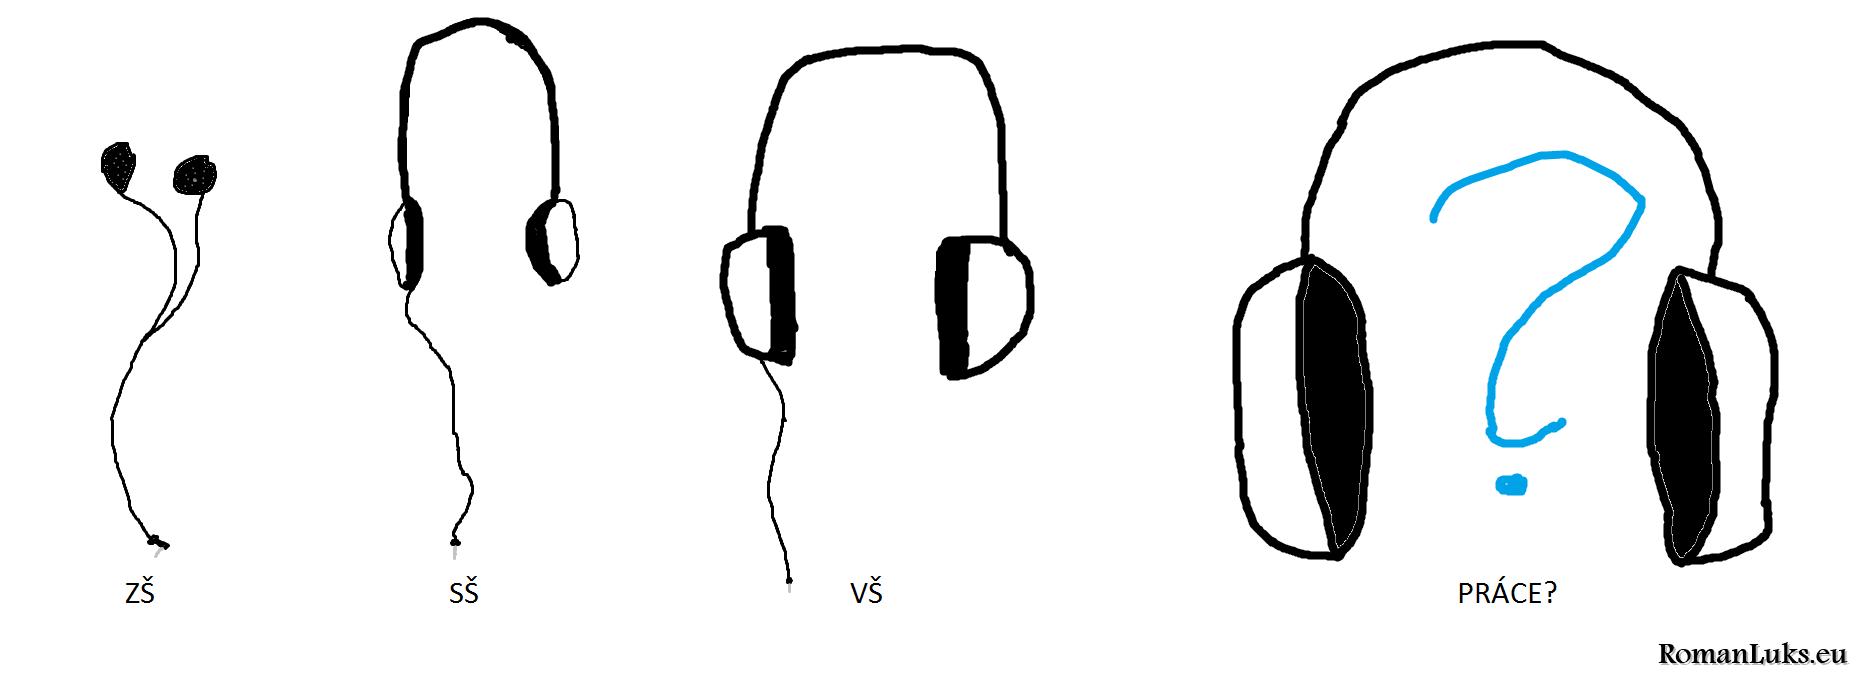 Čmáranice #8: Sluchátka